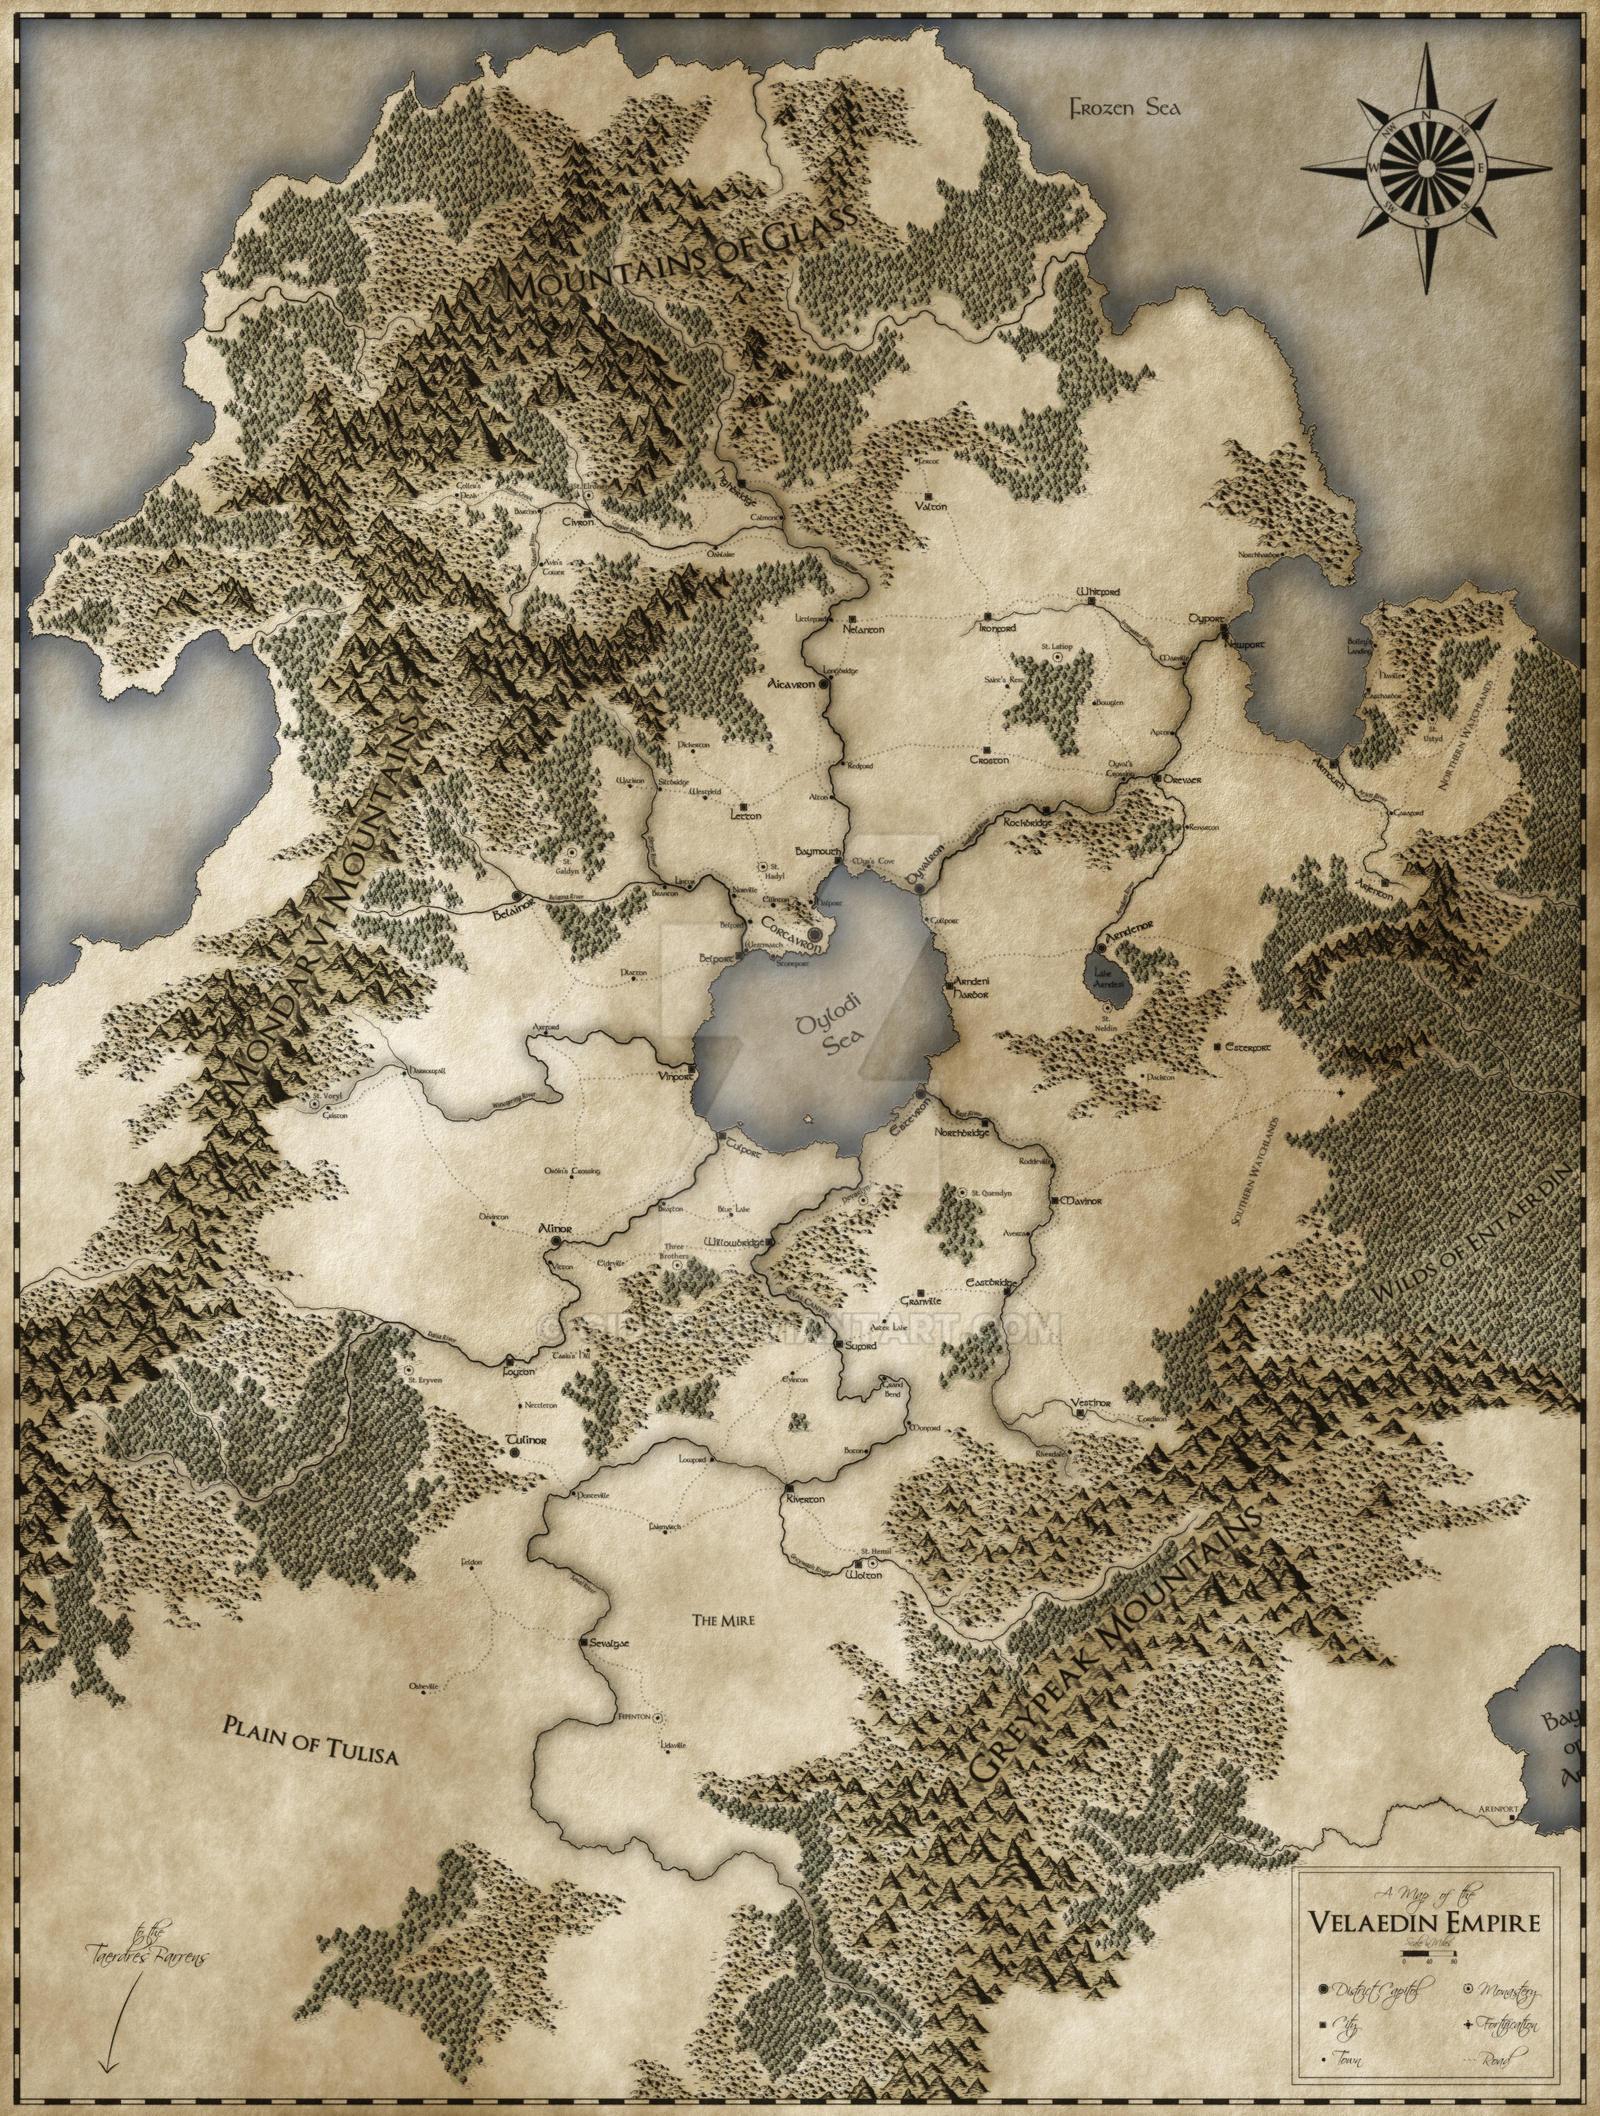 The Velaedin Empire by Gidde